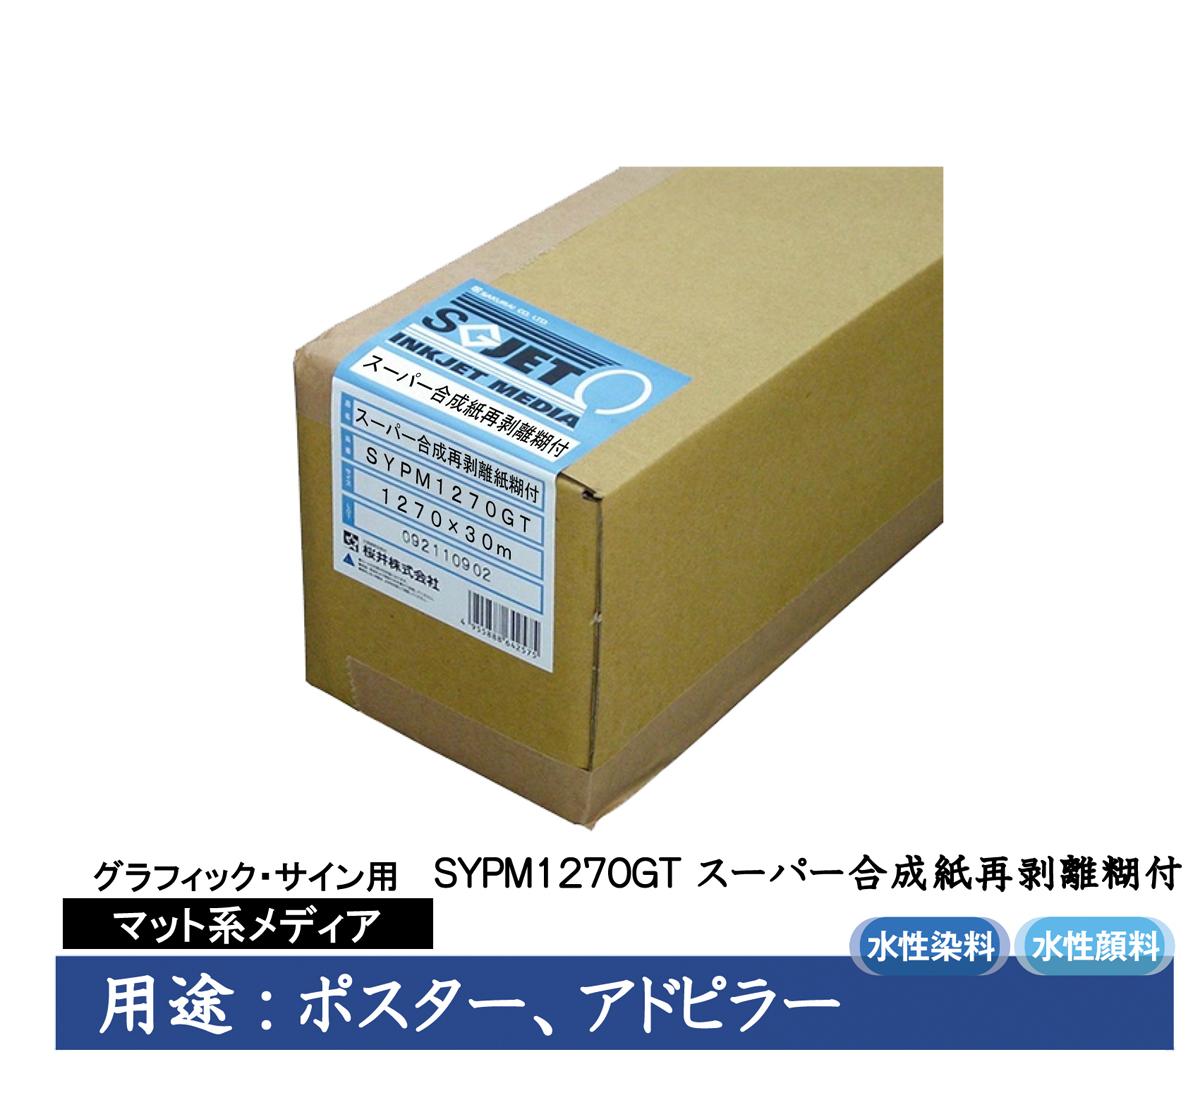 桜井 グラフィック・サイン用インクジェット用紙 スーパー合成紙再剥離糊付 1270mm×30m 3インチ 1本入 SYPM1270GT